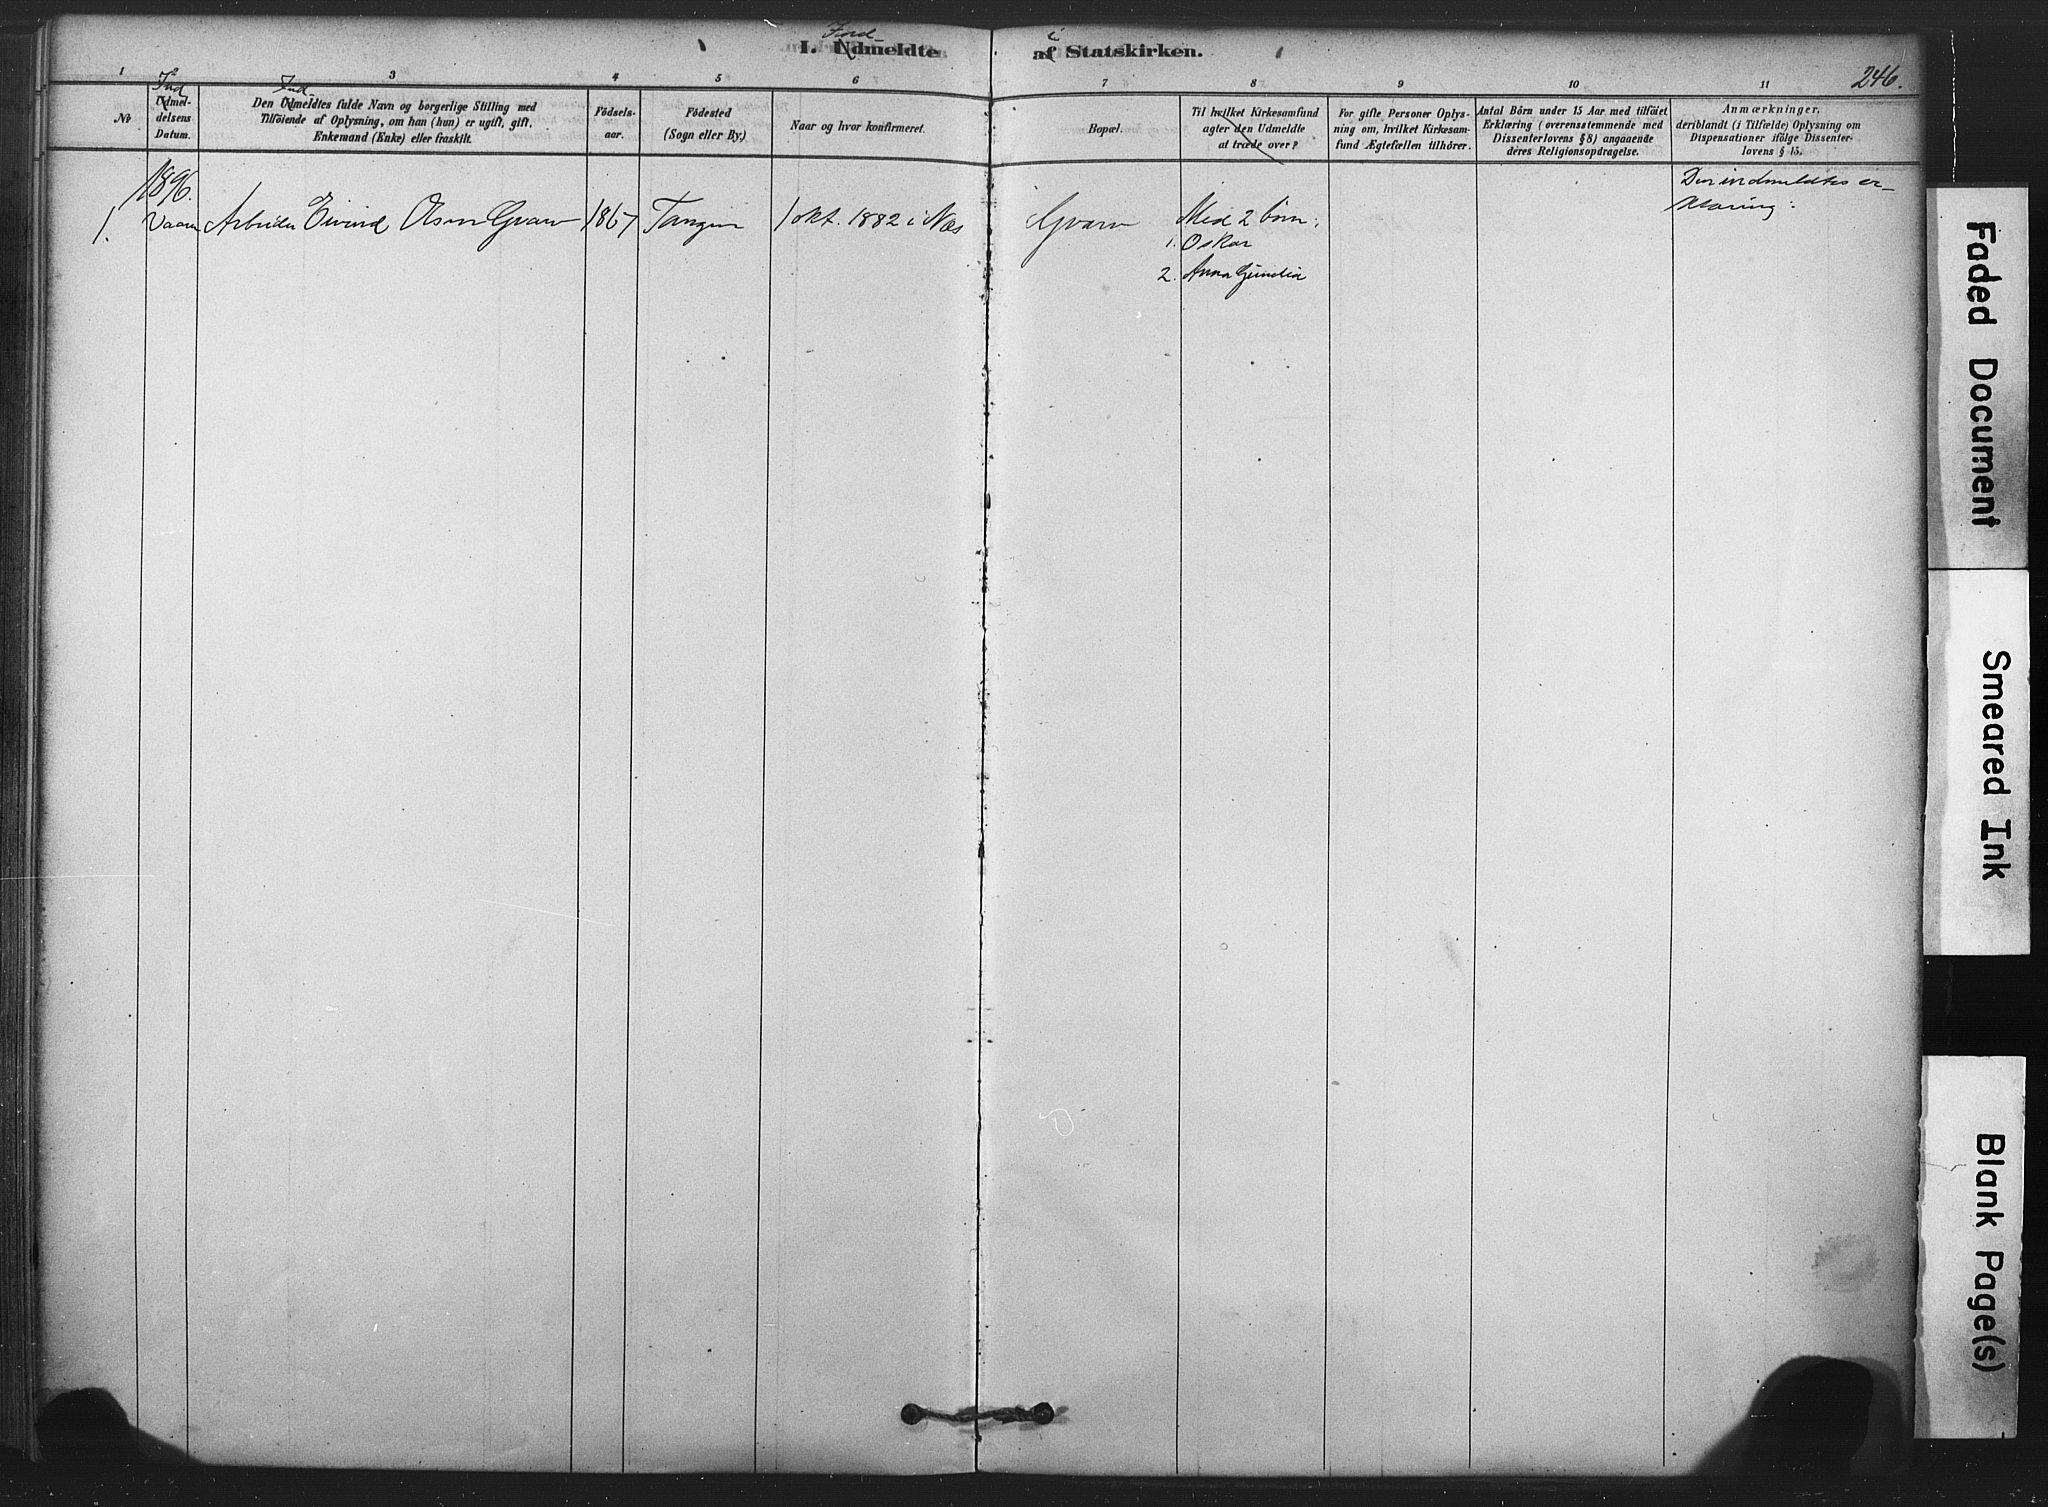 SAKO, Sauherad kirkebøker, F/Fb/L0002: Ministerialbok nr. II 2, 1878-1901, s. 246